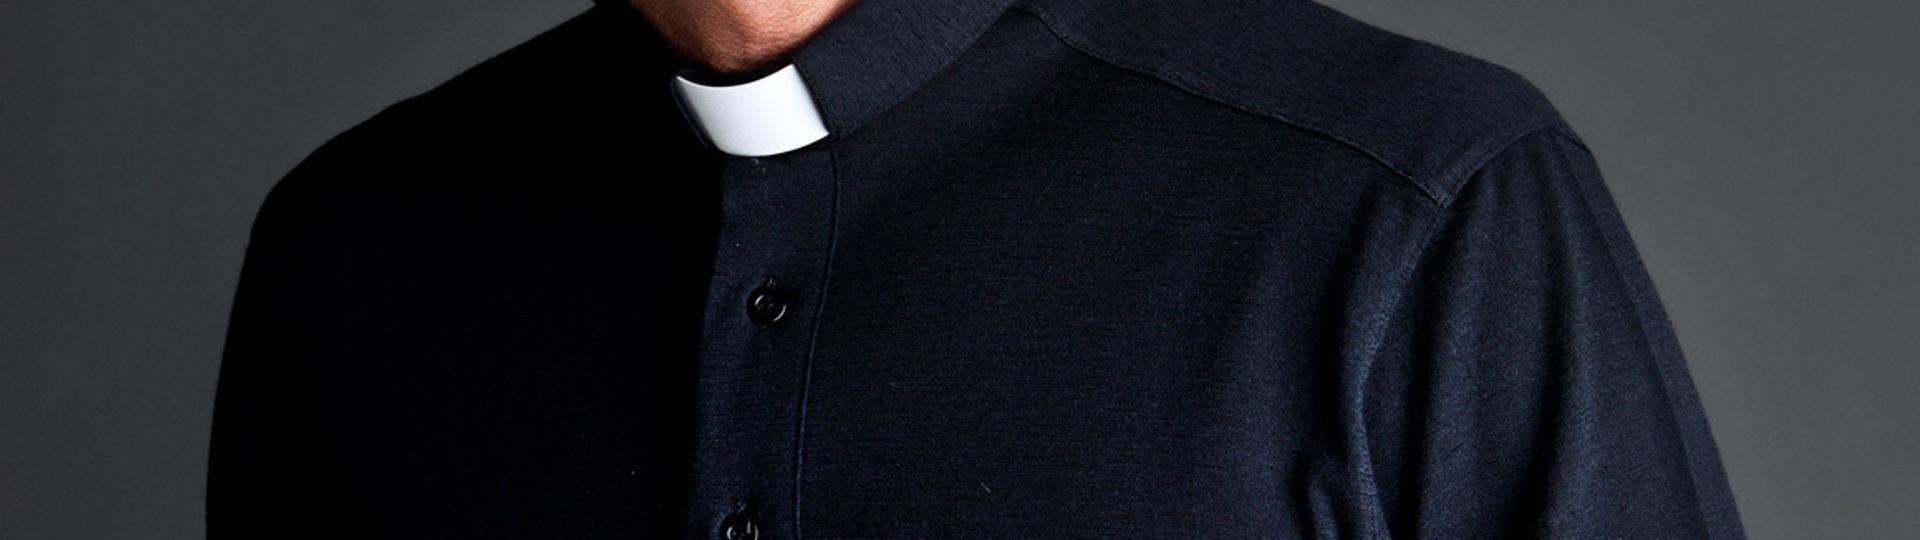 clerygman